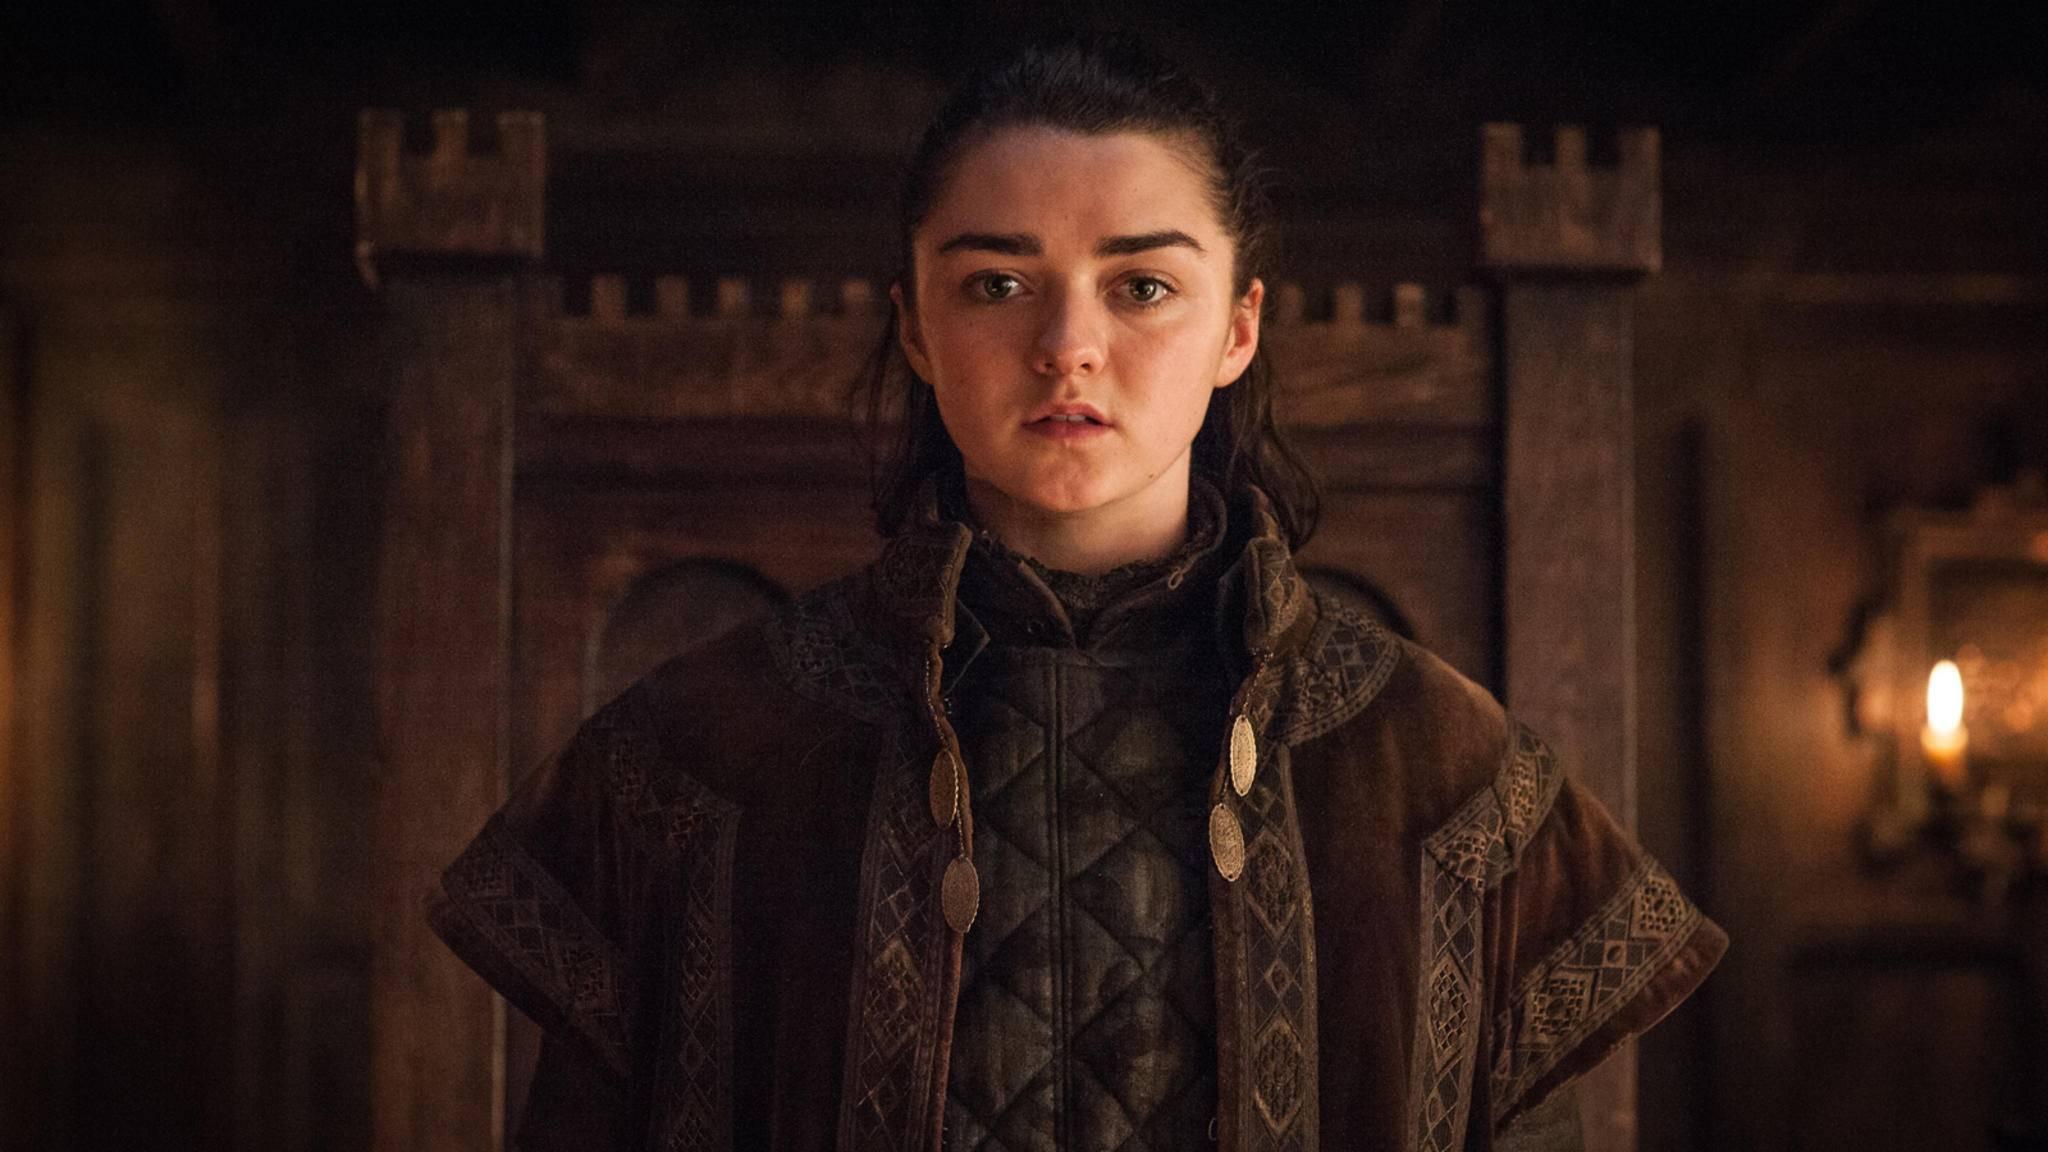 Walder Frey konnte Arya von ihrer Liste schon mal streichen. Wer folgt als nächstes?